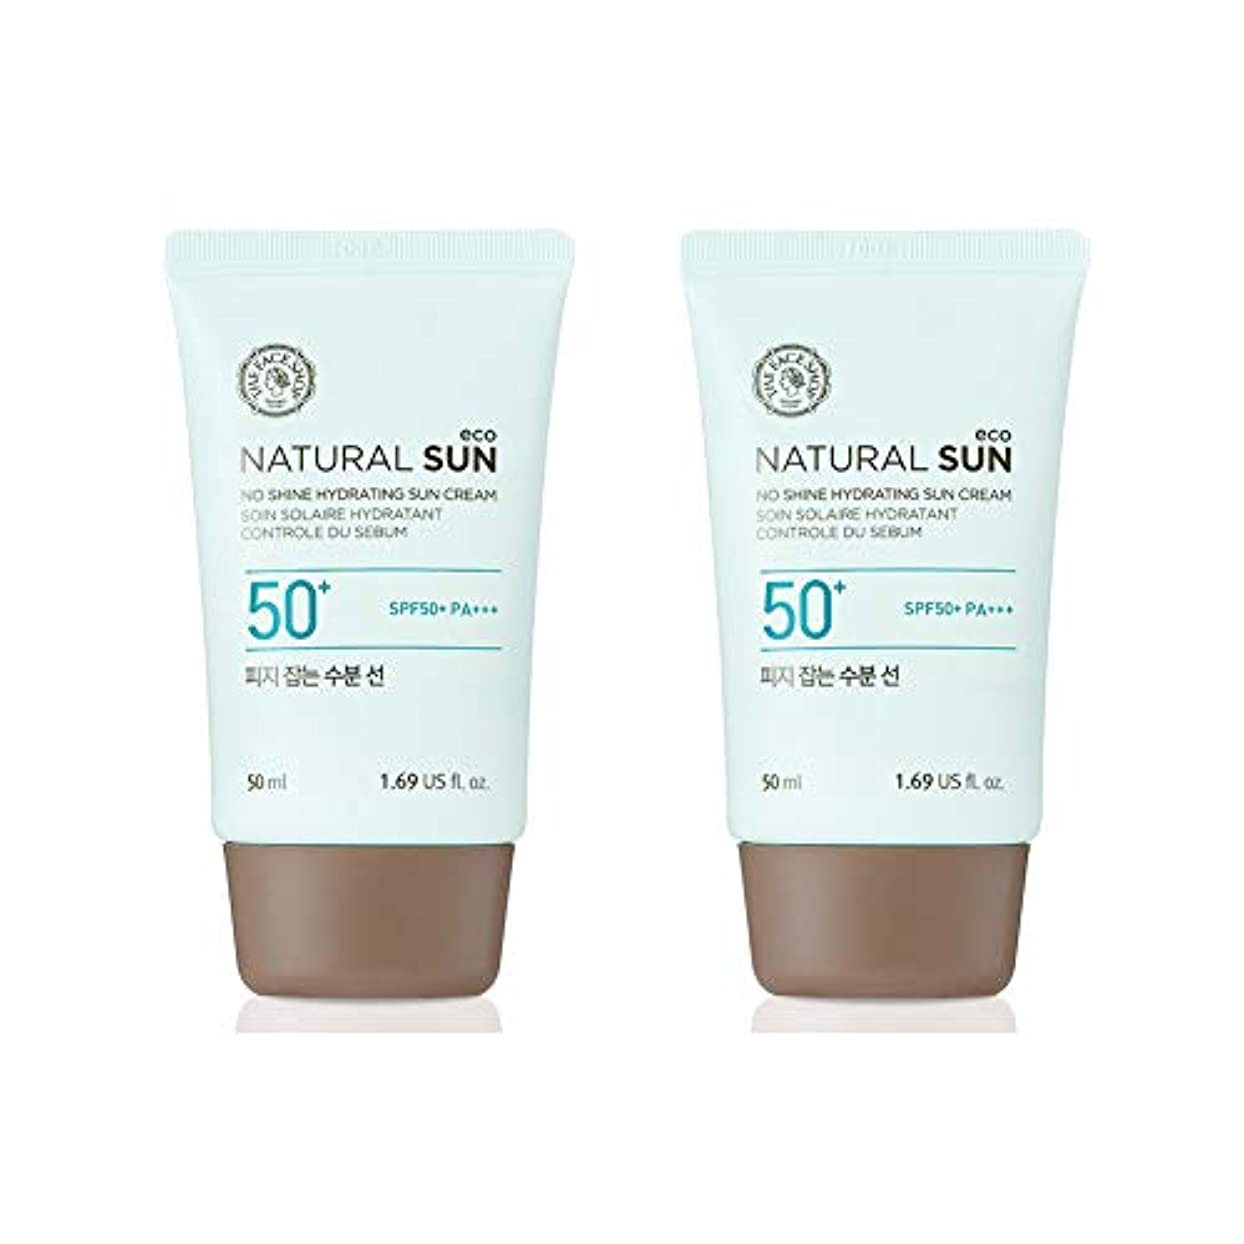 土曜日テーマ状態ザ?フェイスショップネチュロルソンエコフィジーサン?クリームSPF50+PA+++50ml x 2本セット韓国コスメ、The Face Shop Natural Sun Eco No Shine Hydrating Sun...